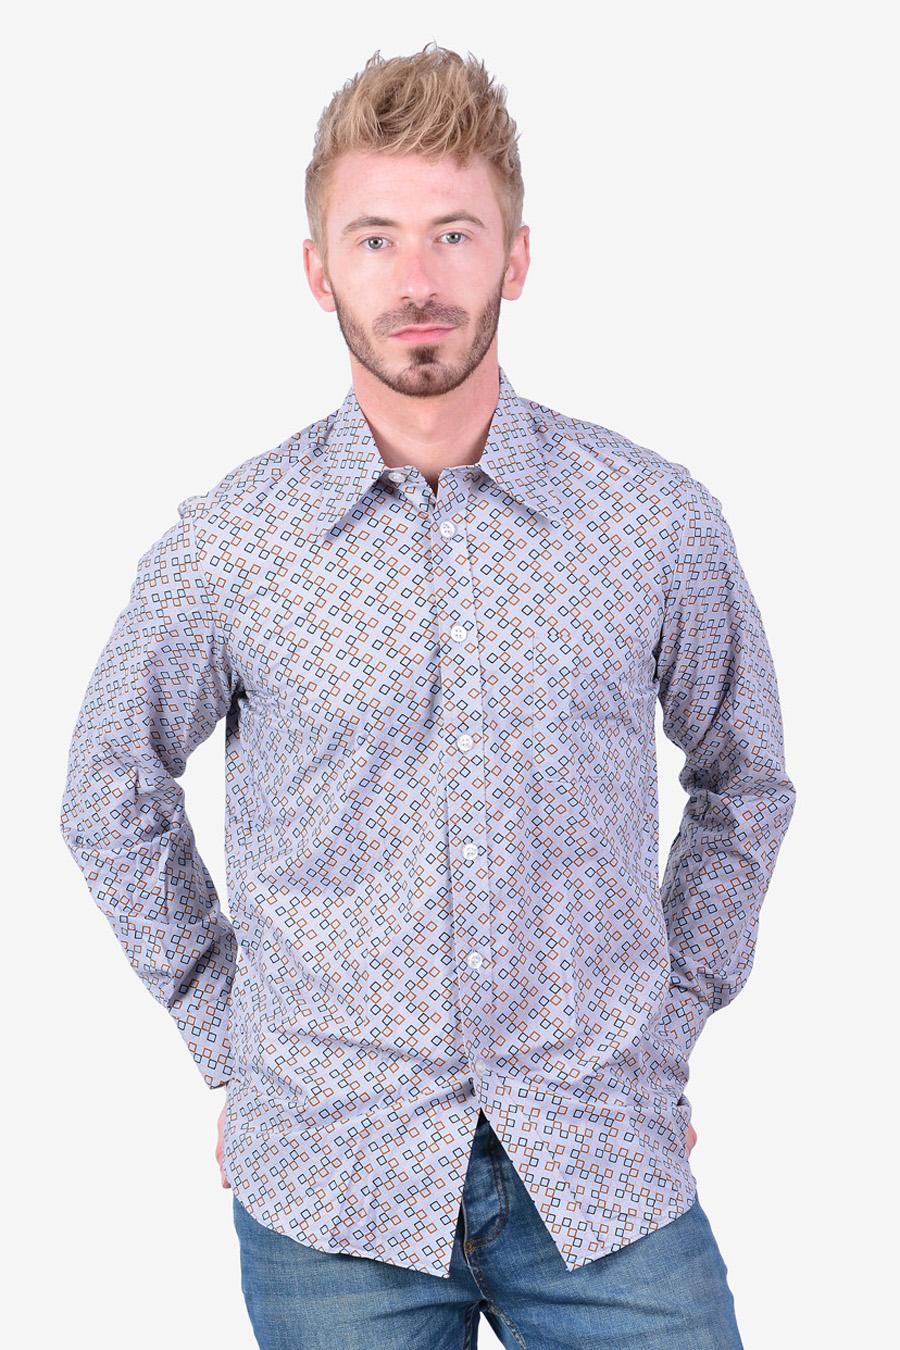 Men's vintage 1970's shirt